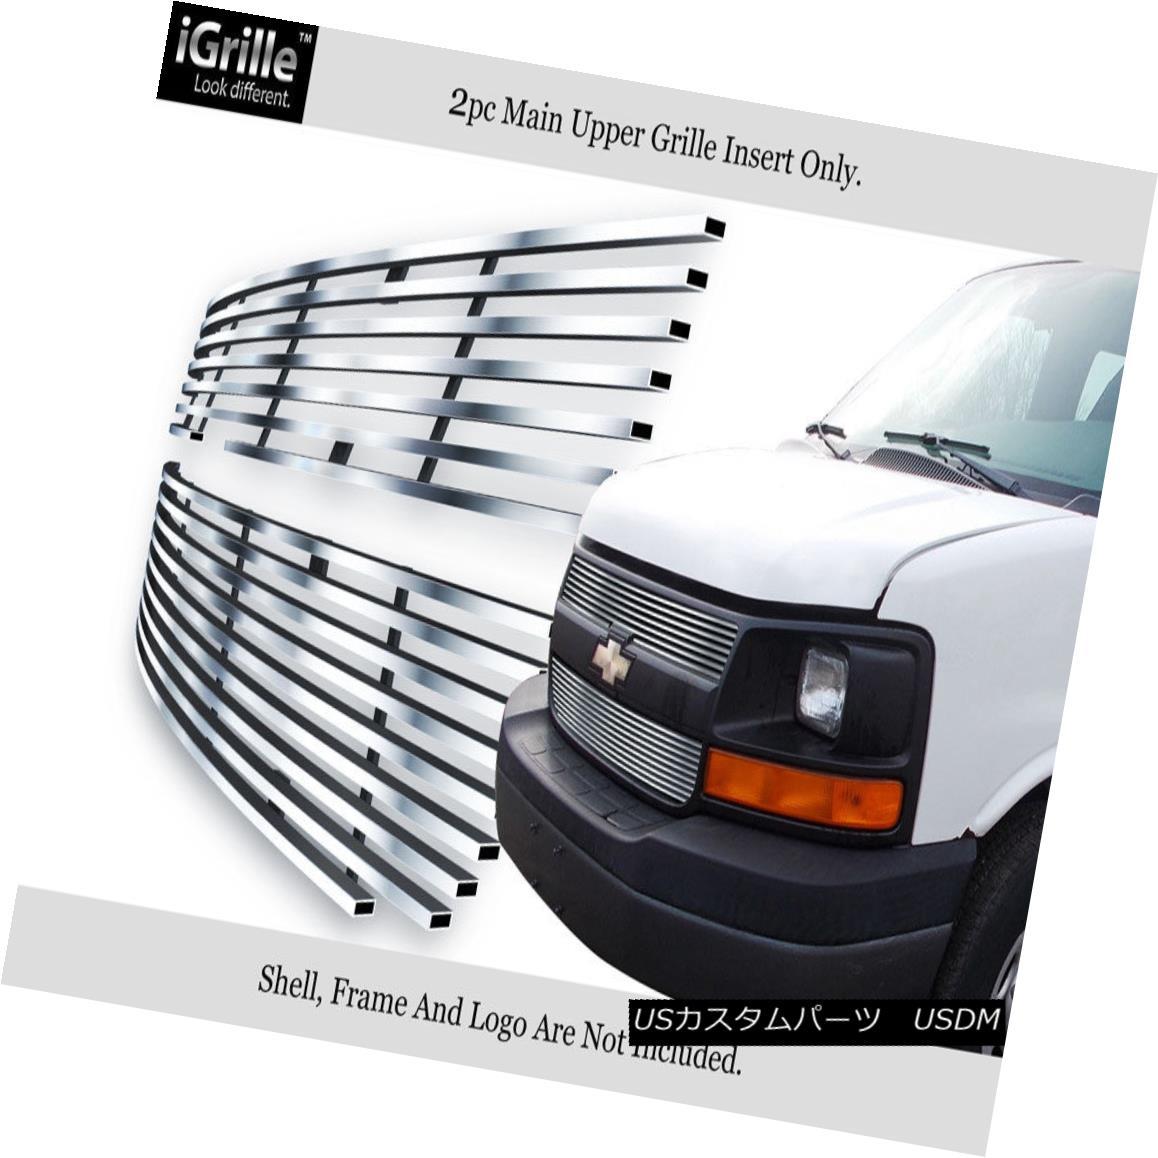 グリル Fits 2003-2016 Chevy Express Explorer Conversion Van Stainless Billet Grille 2003?2016年Chevy Expressエクスプローラコンバージョンヴァンステンレスビレットグリル